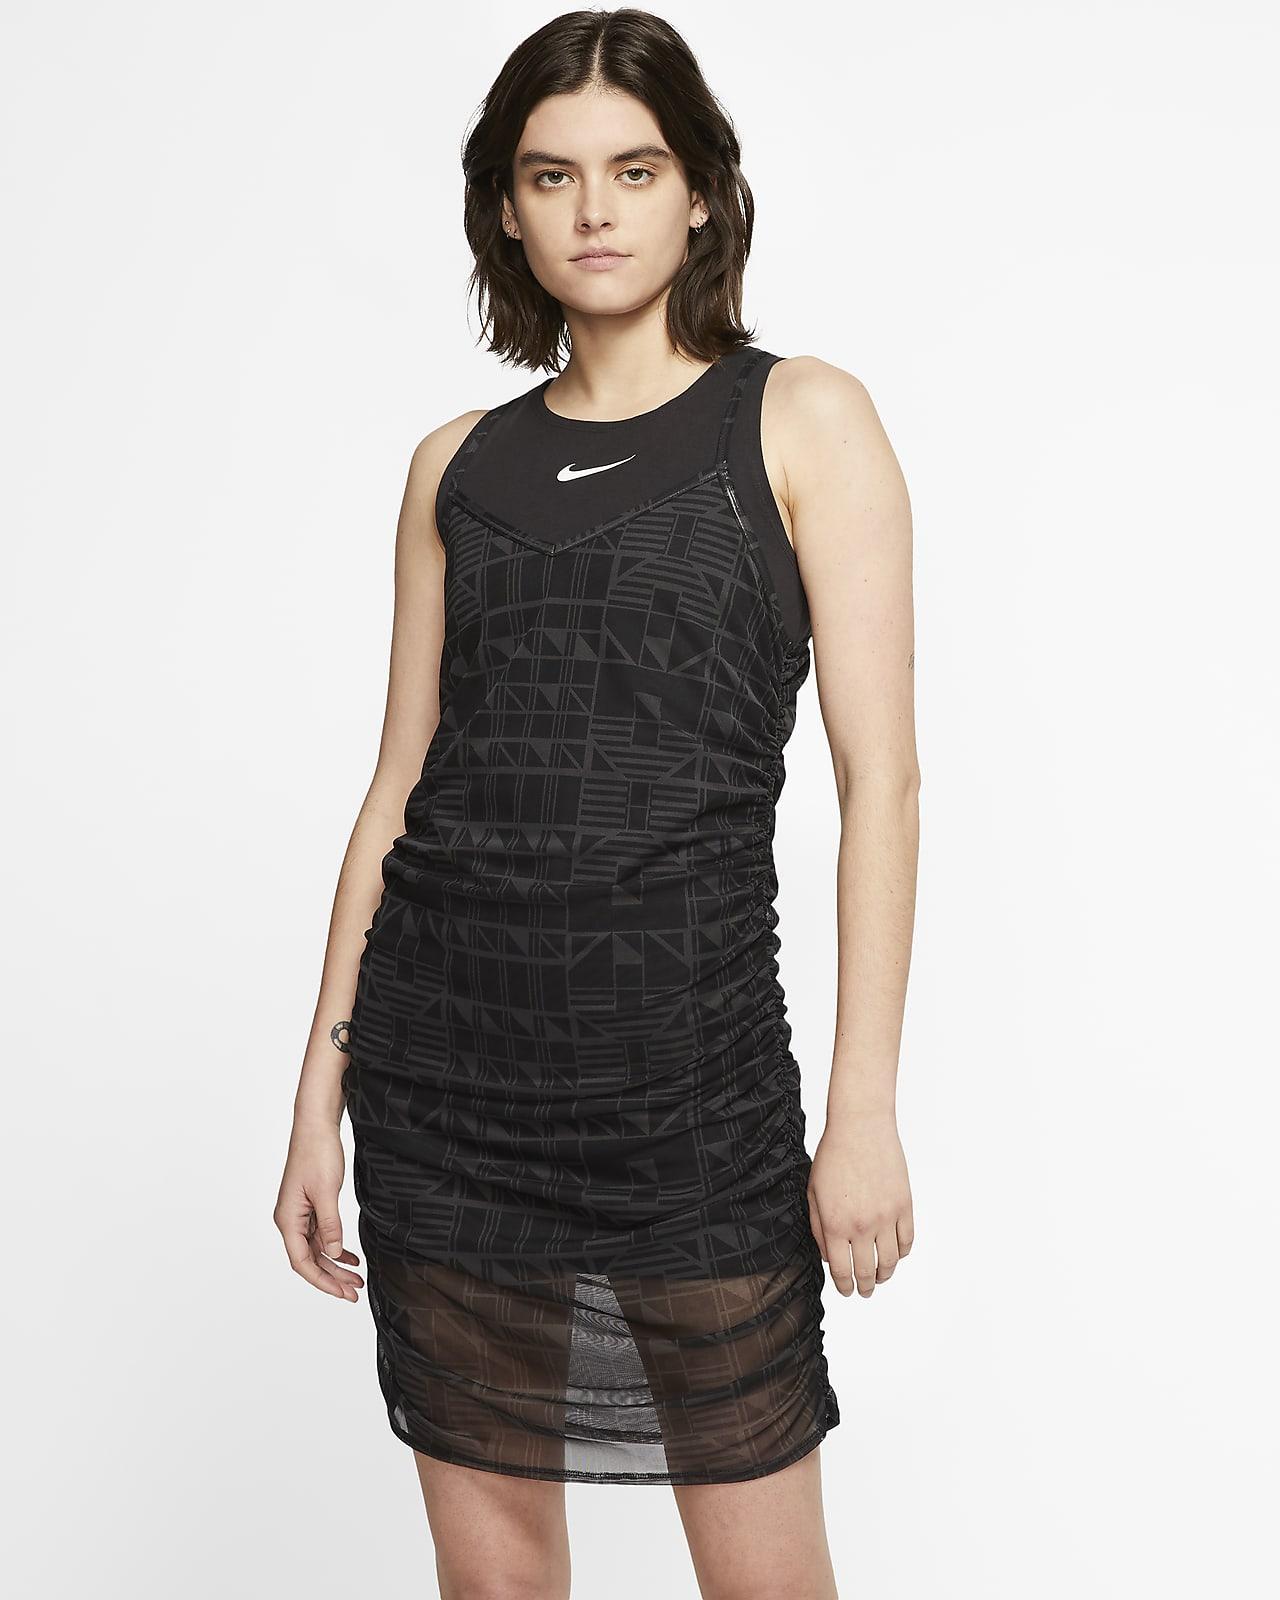 Abito Indio Nike Sportswear - Donna